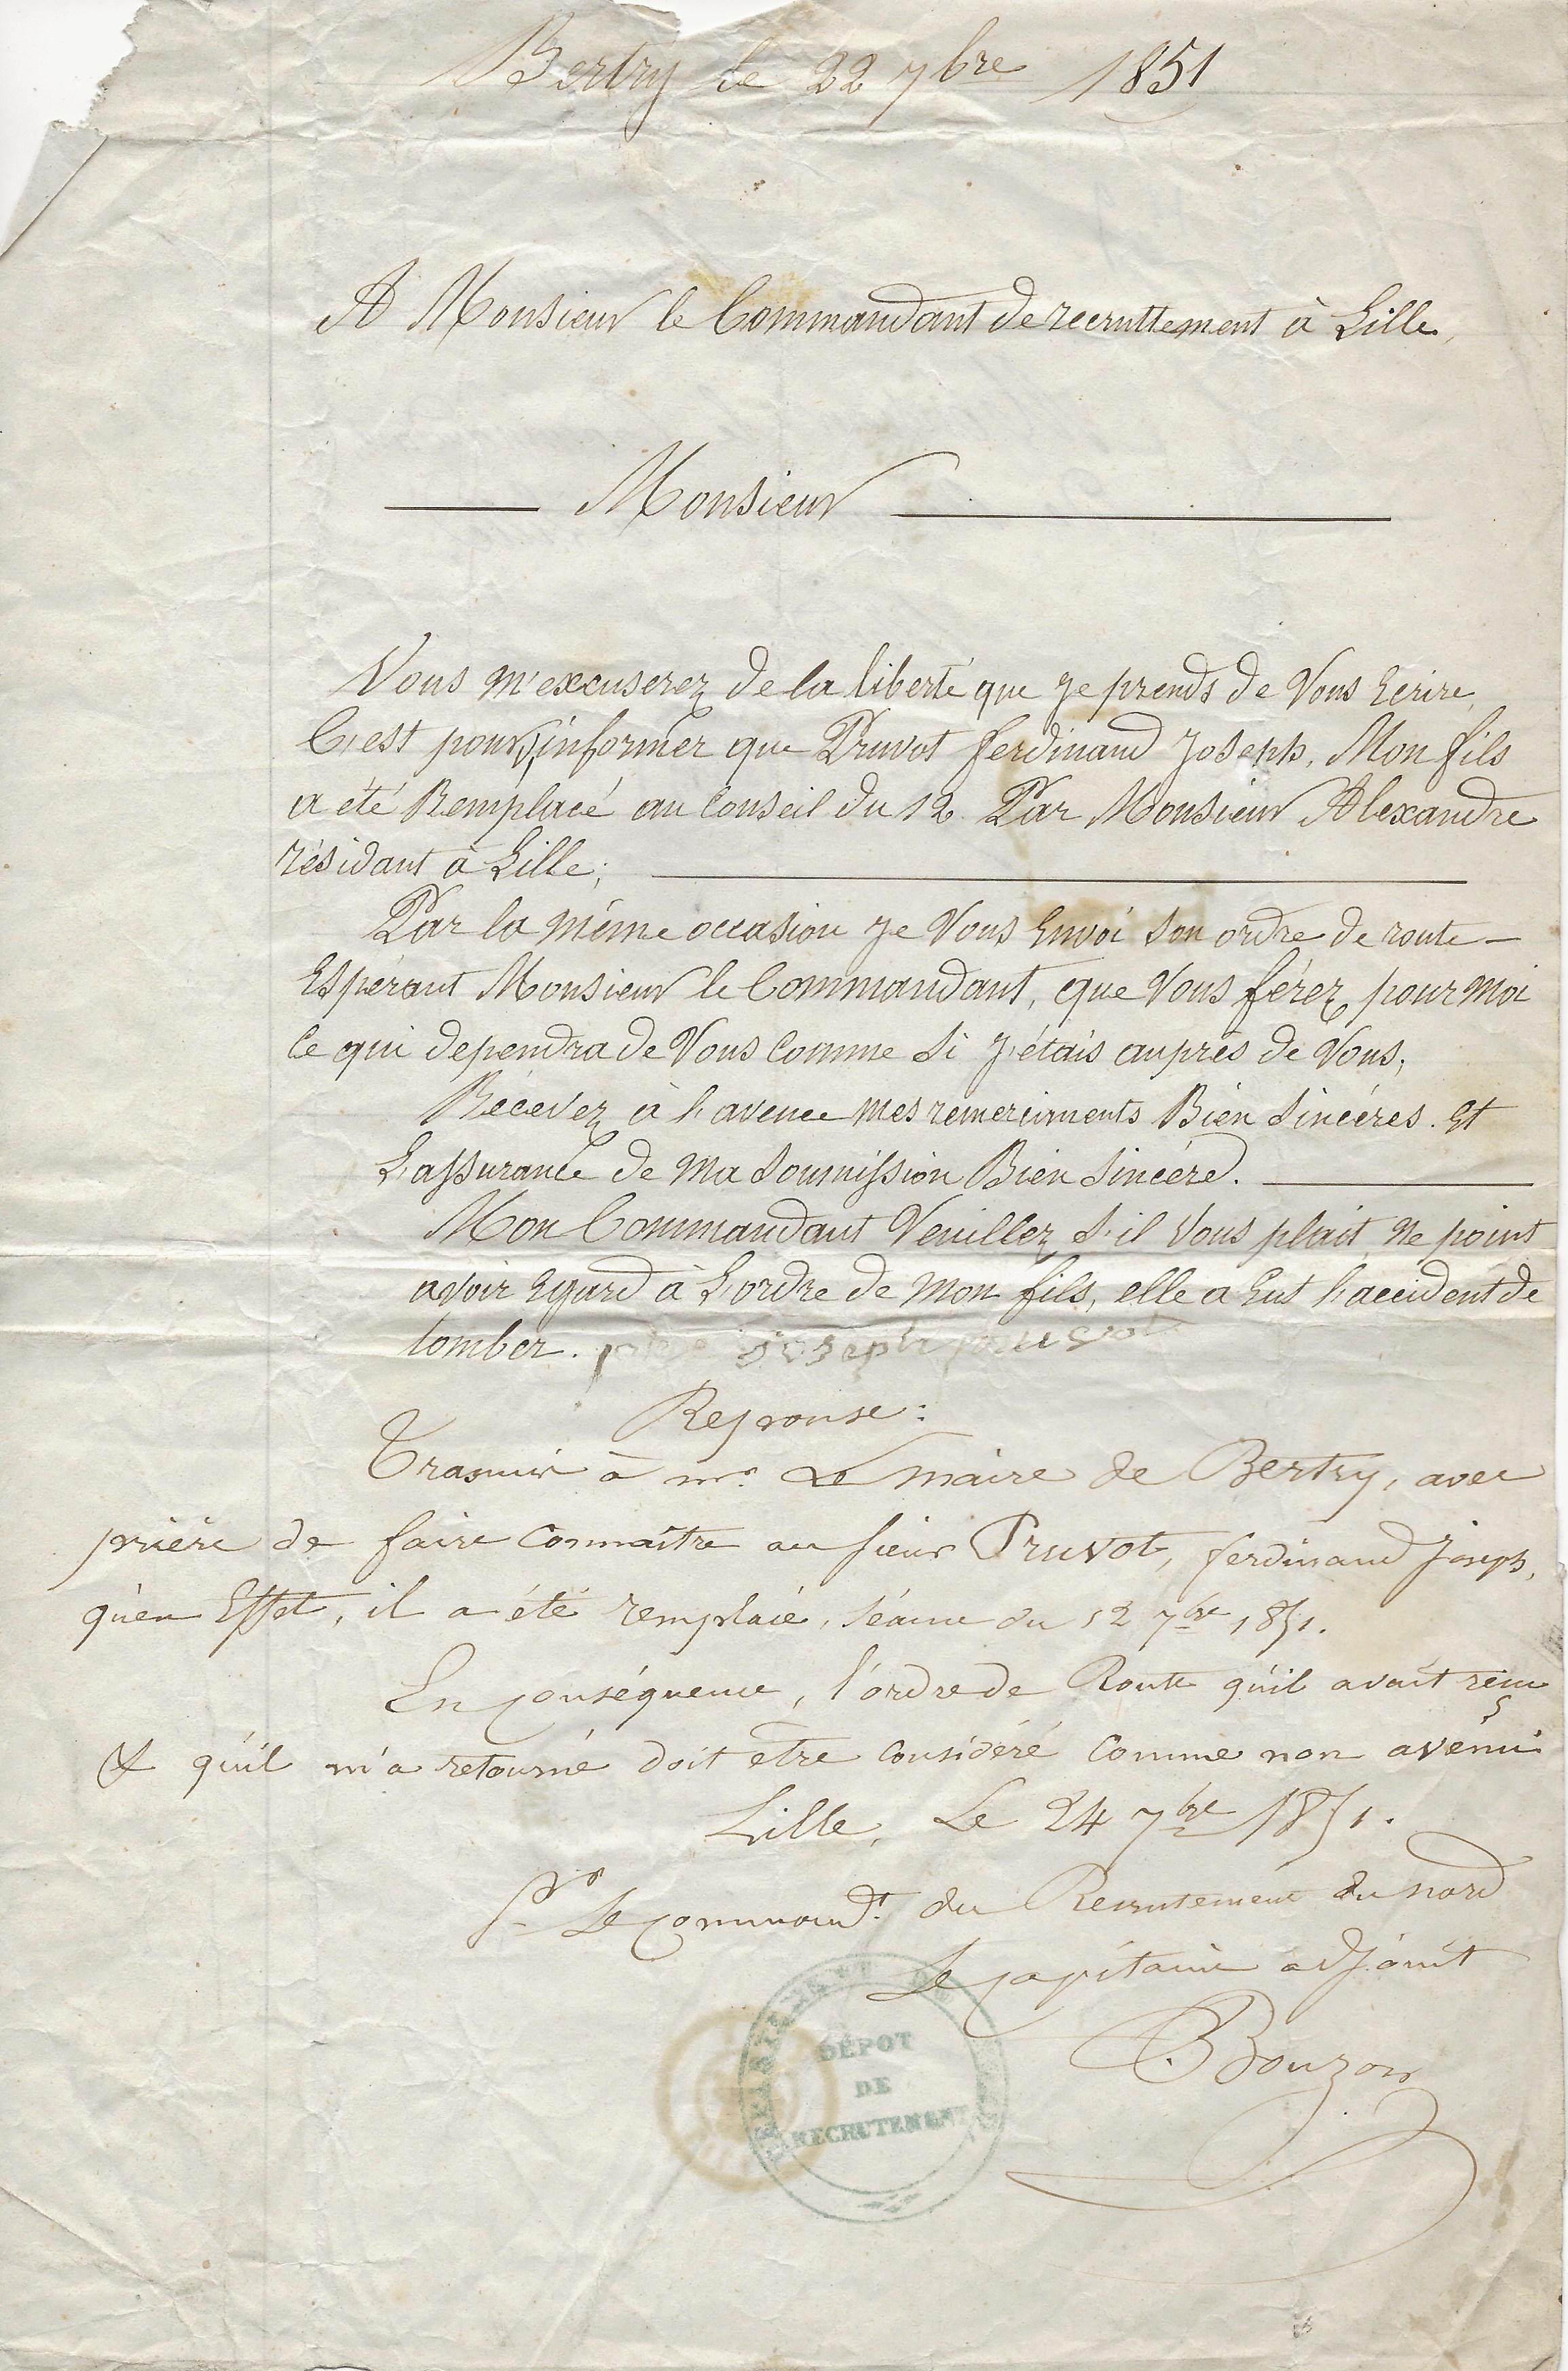 1851 courrier pruvot ph pour ferdinant armee 001